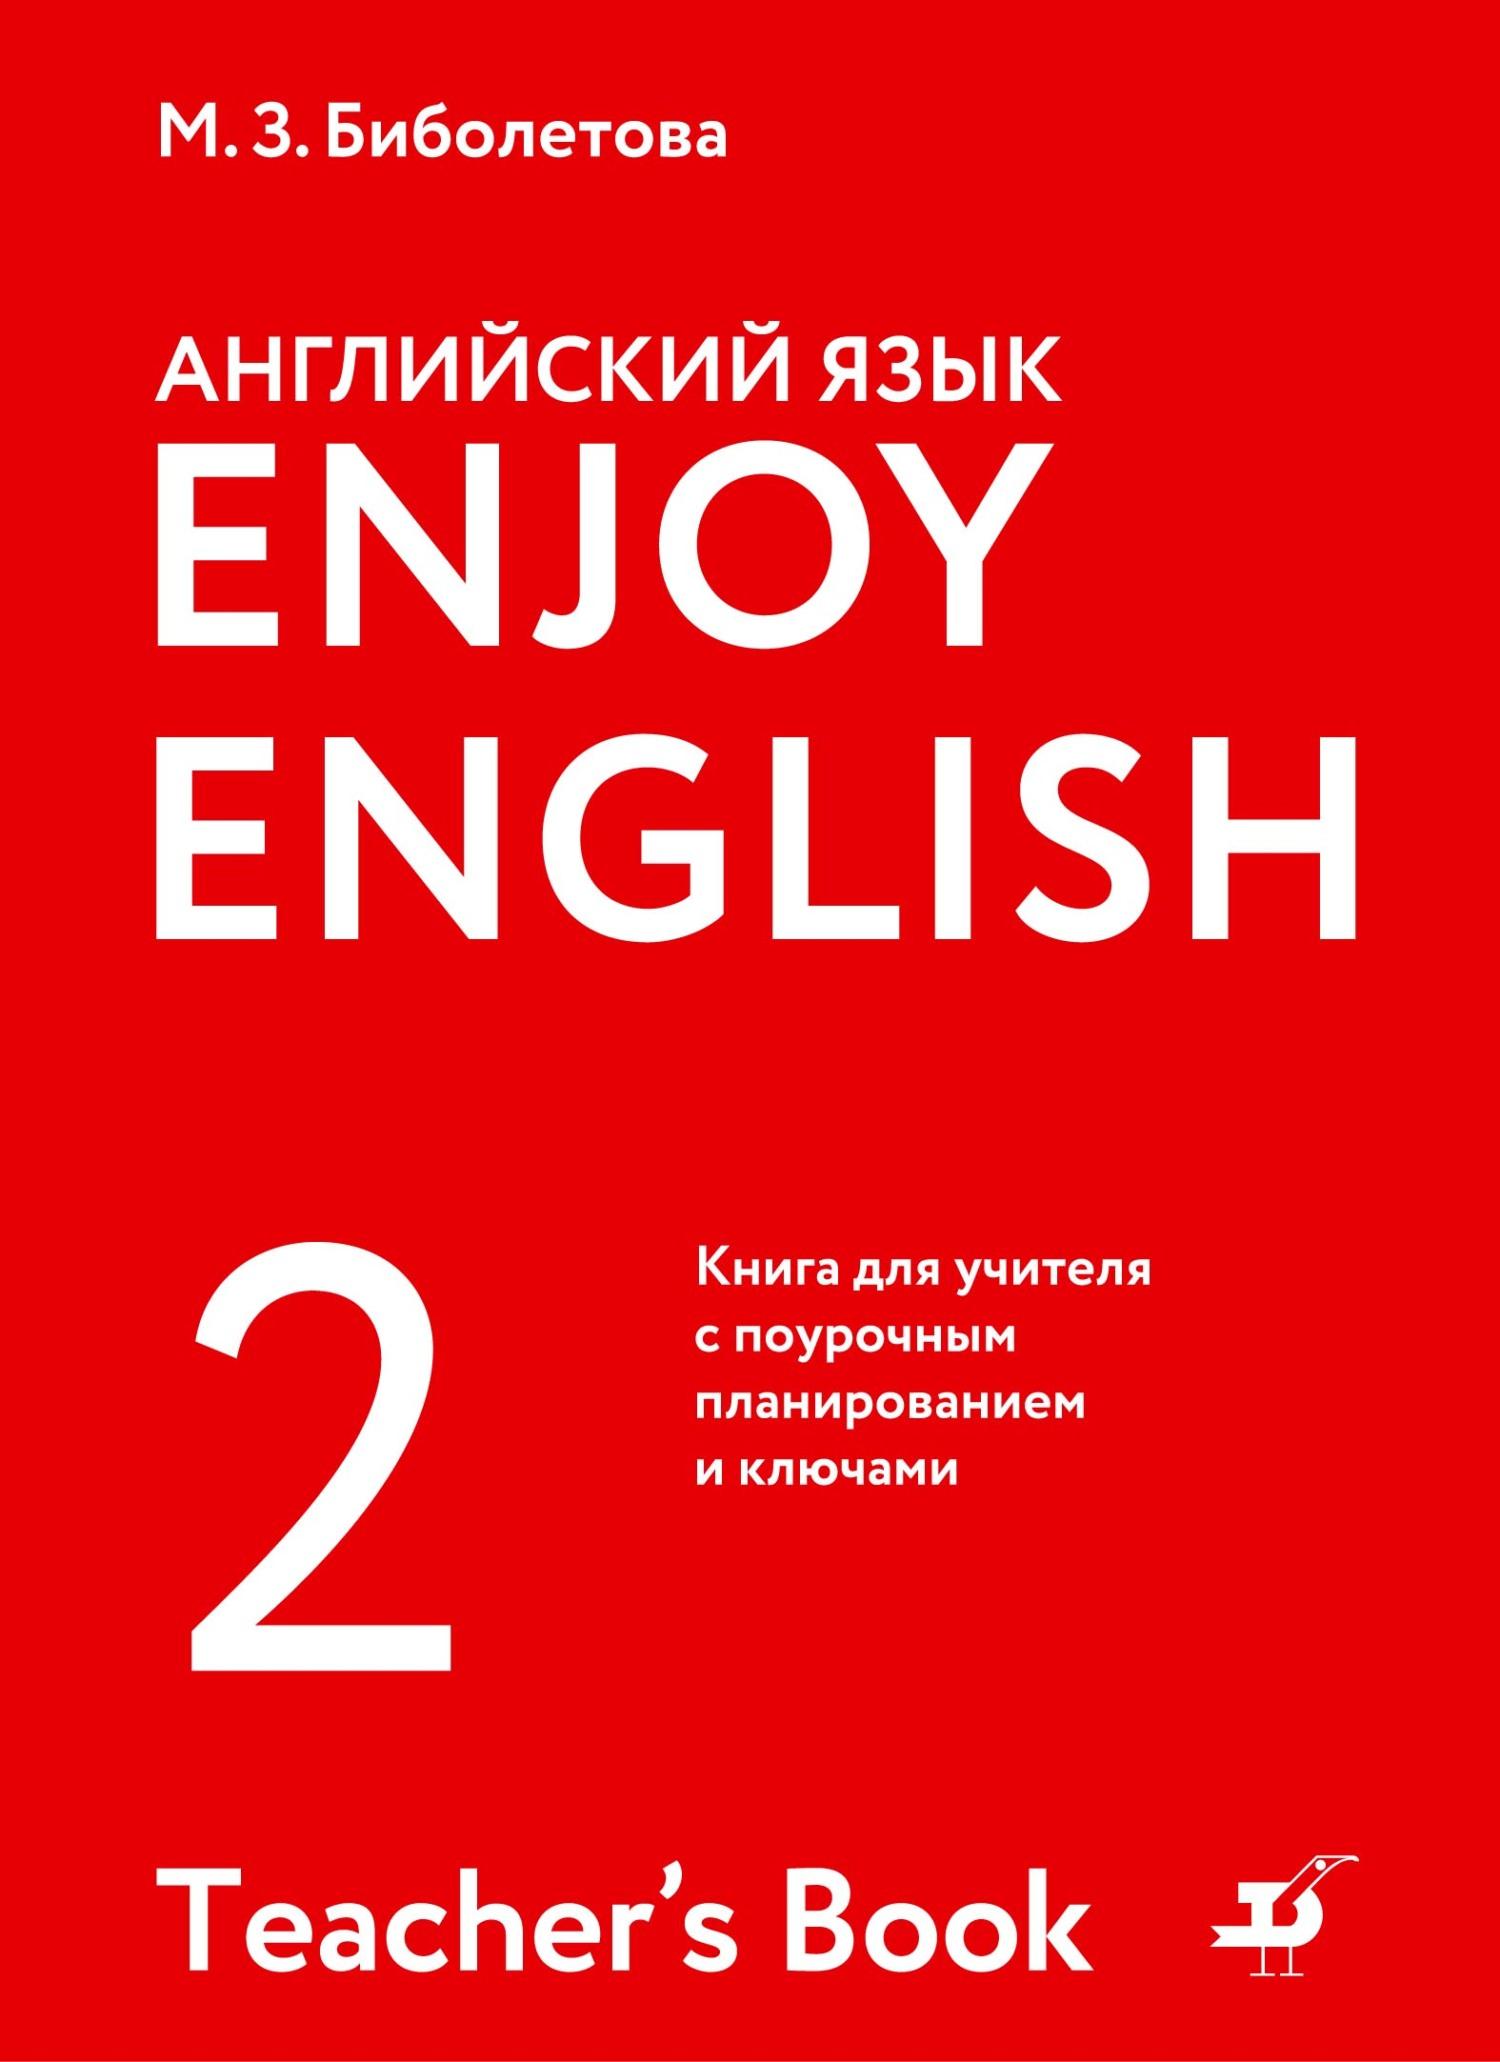 М. З. Биболетова Enjoy English/Английский с удовольствием. 2 класс. Книга для учителя биболетова м з enjoy english английский с удовольствием 2 класс учебник